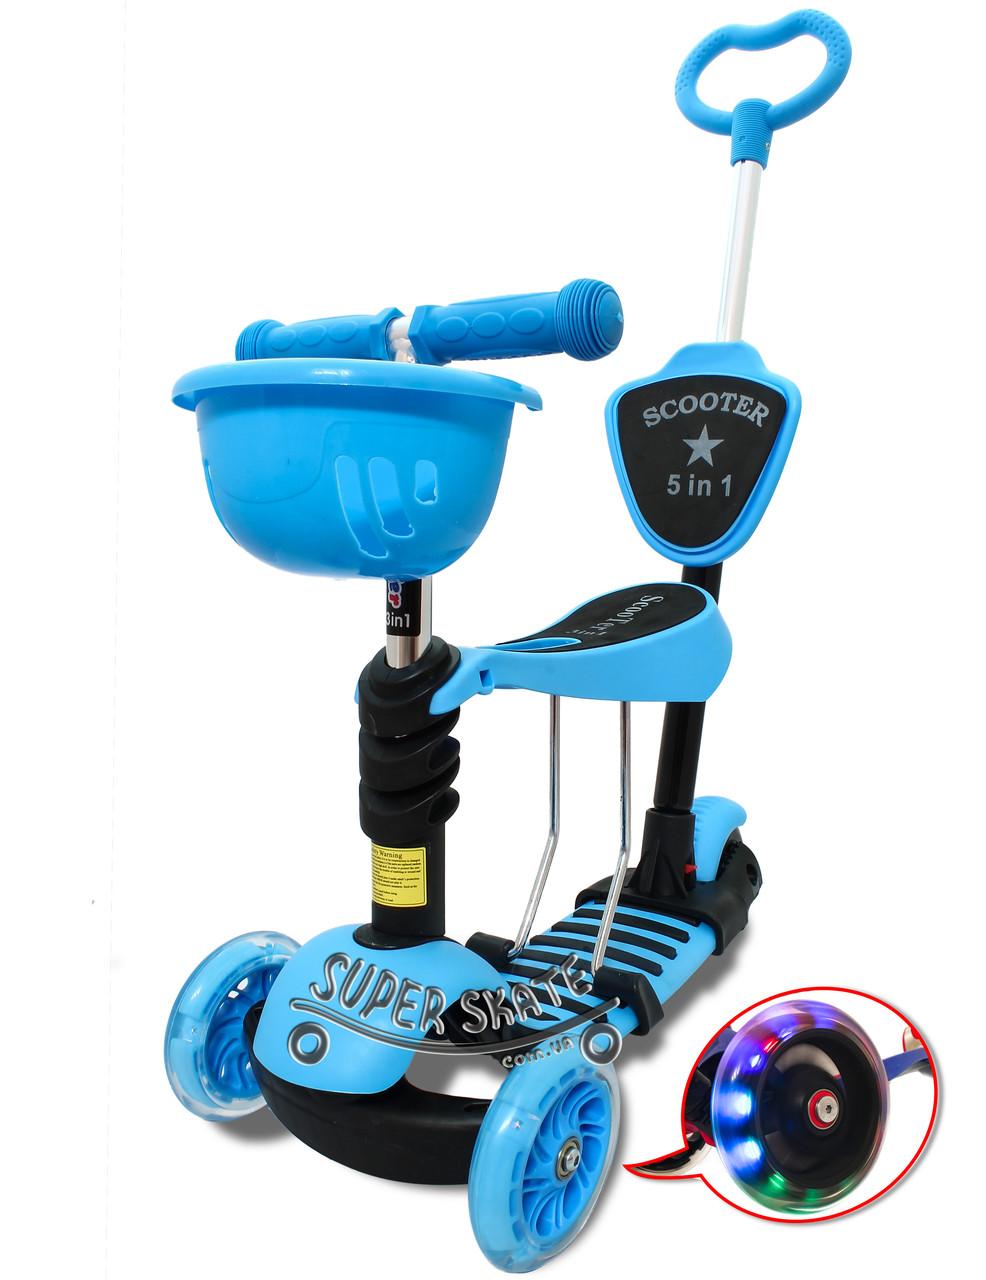 Трехколесный Самокат/Беговел 5в1 Scooter - С ручкой - Синий